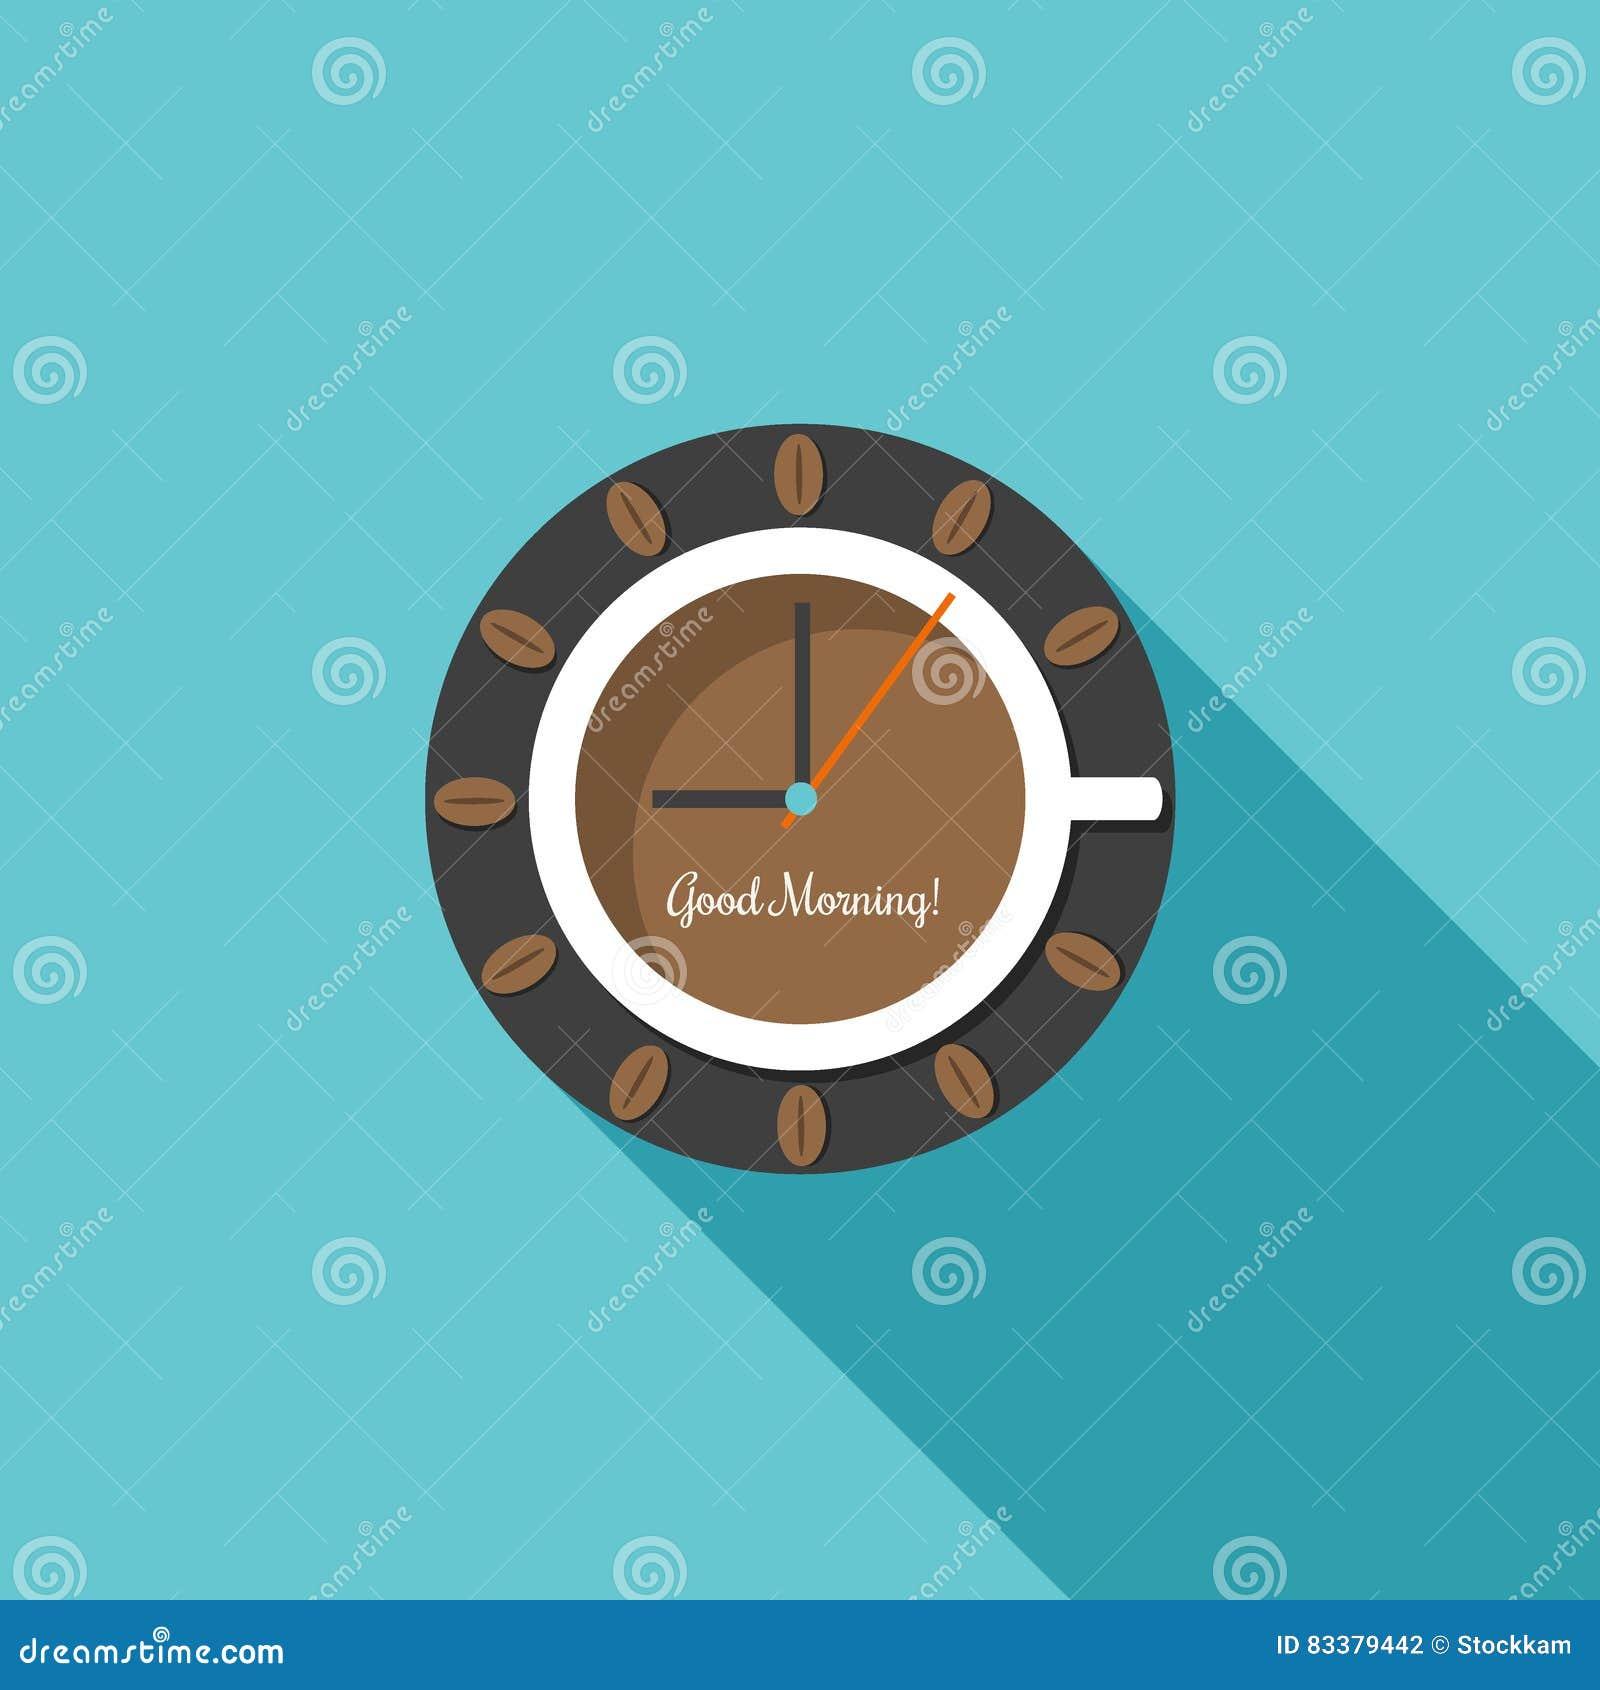 Abstrakte Uhr, hergestellt vom Tasse Kaffee Guten Morgen